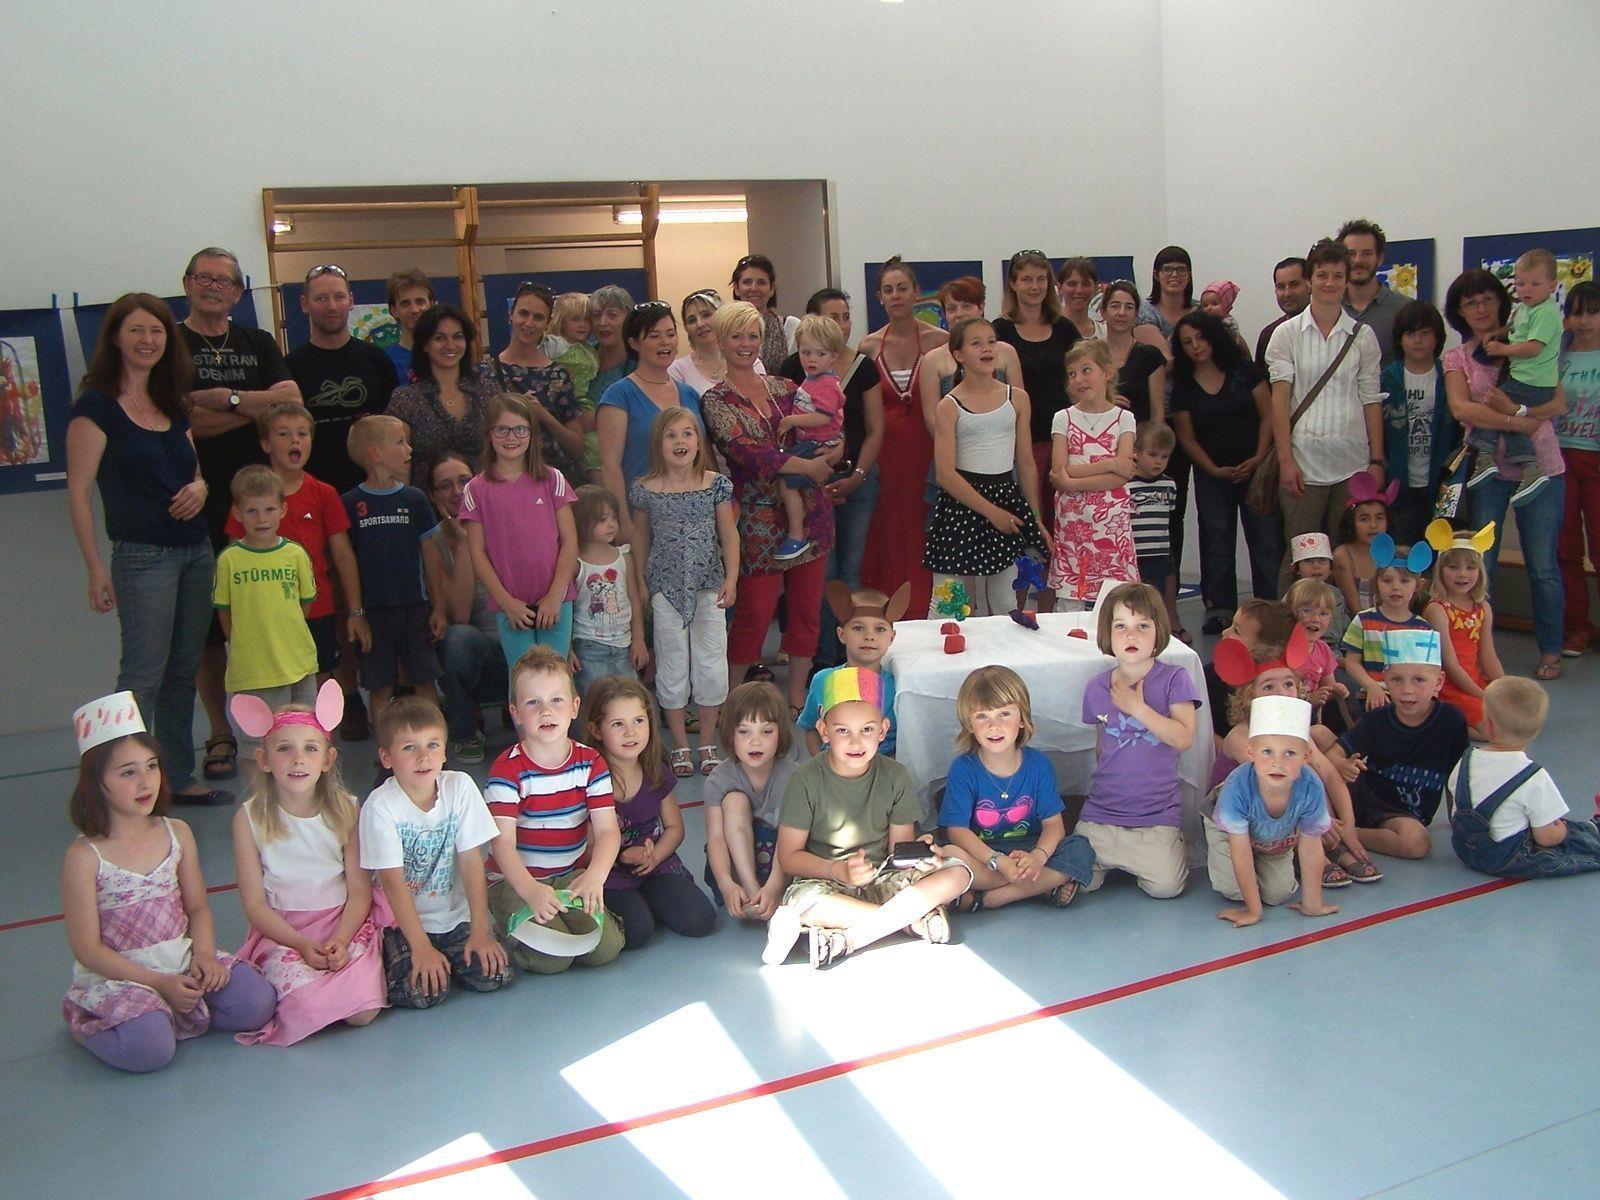 Die Kindervernissage im Kindergarten Bäumle wurde zu einem großen gemeinsamen Fest.